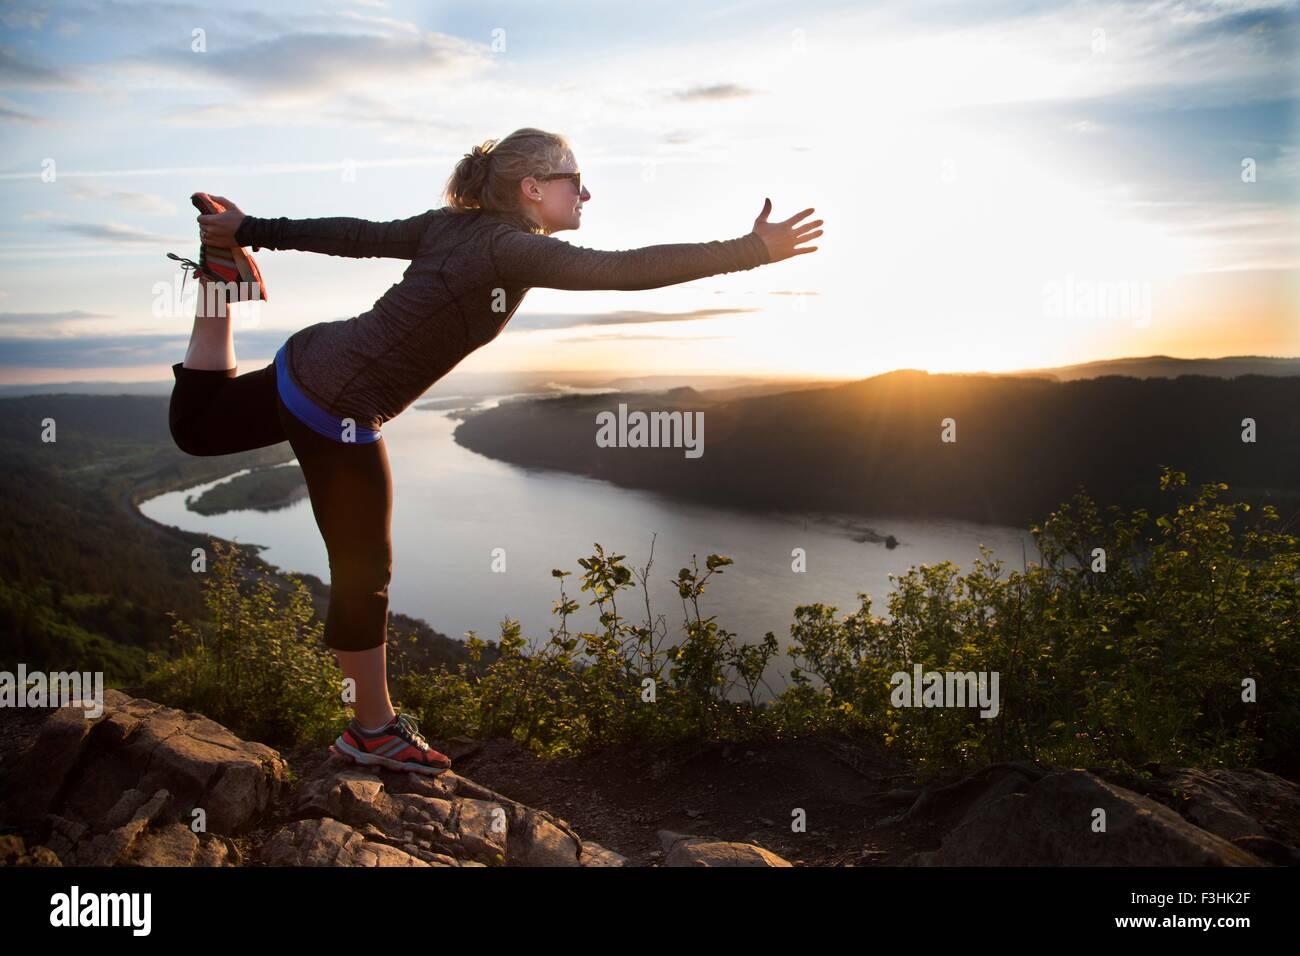 Mujer practicando yoga en la colina, Angel's Rest, Columbia River Gorge, Oregón, EE.UU. Imagen De Stock